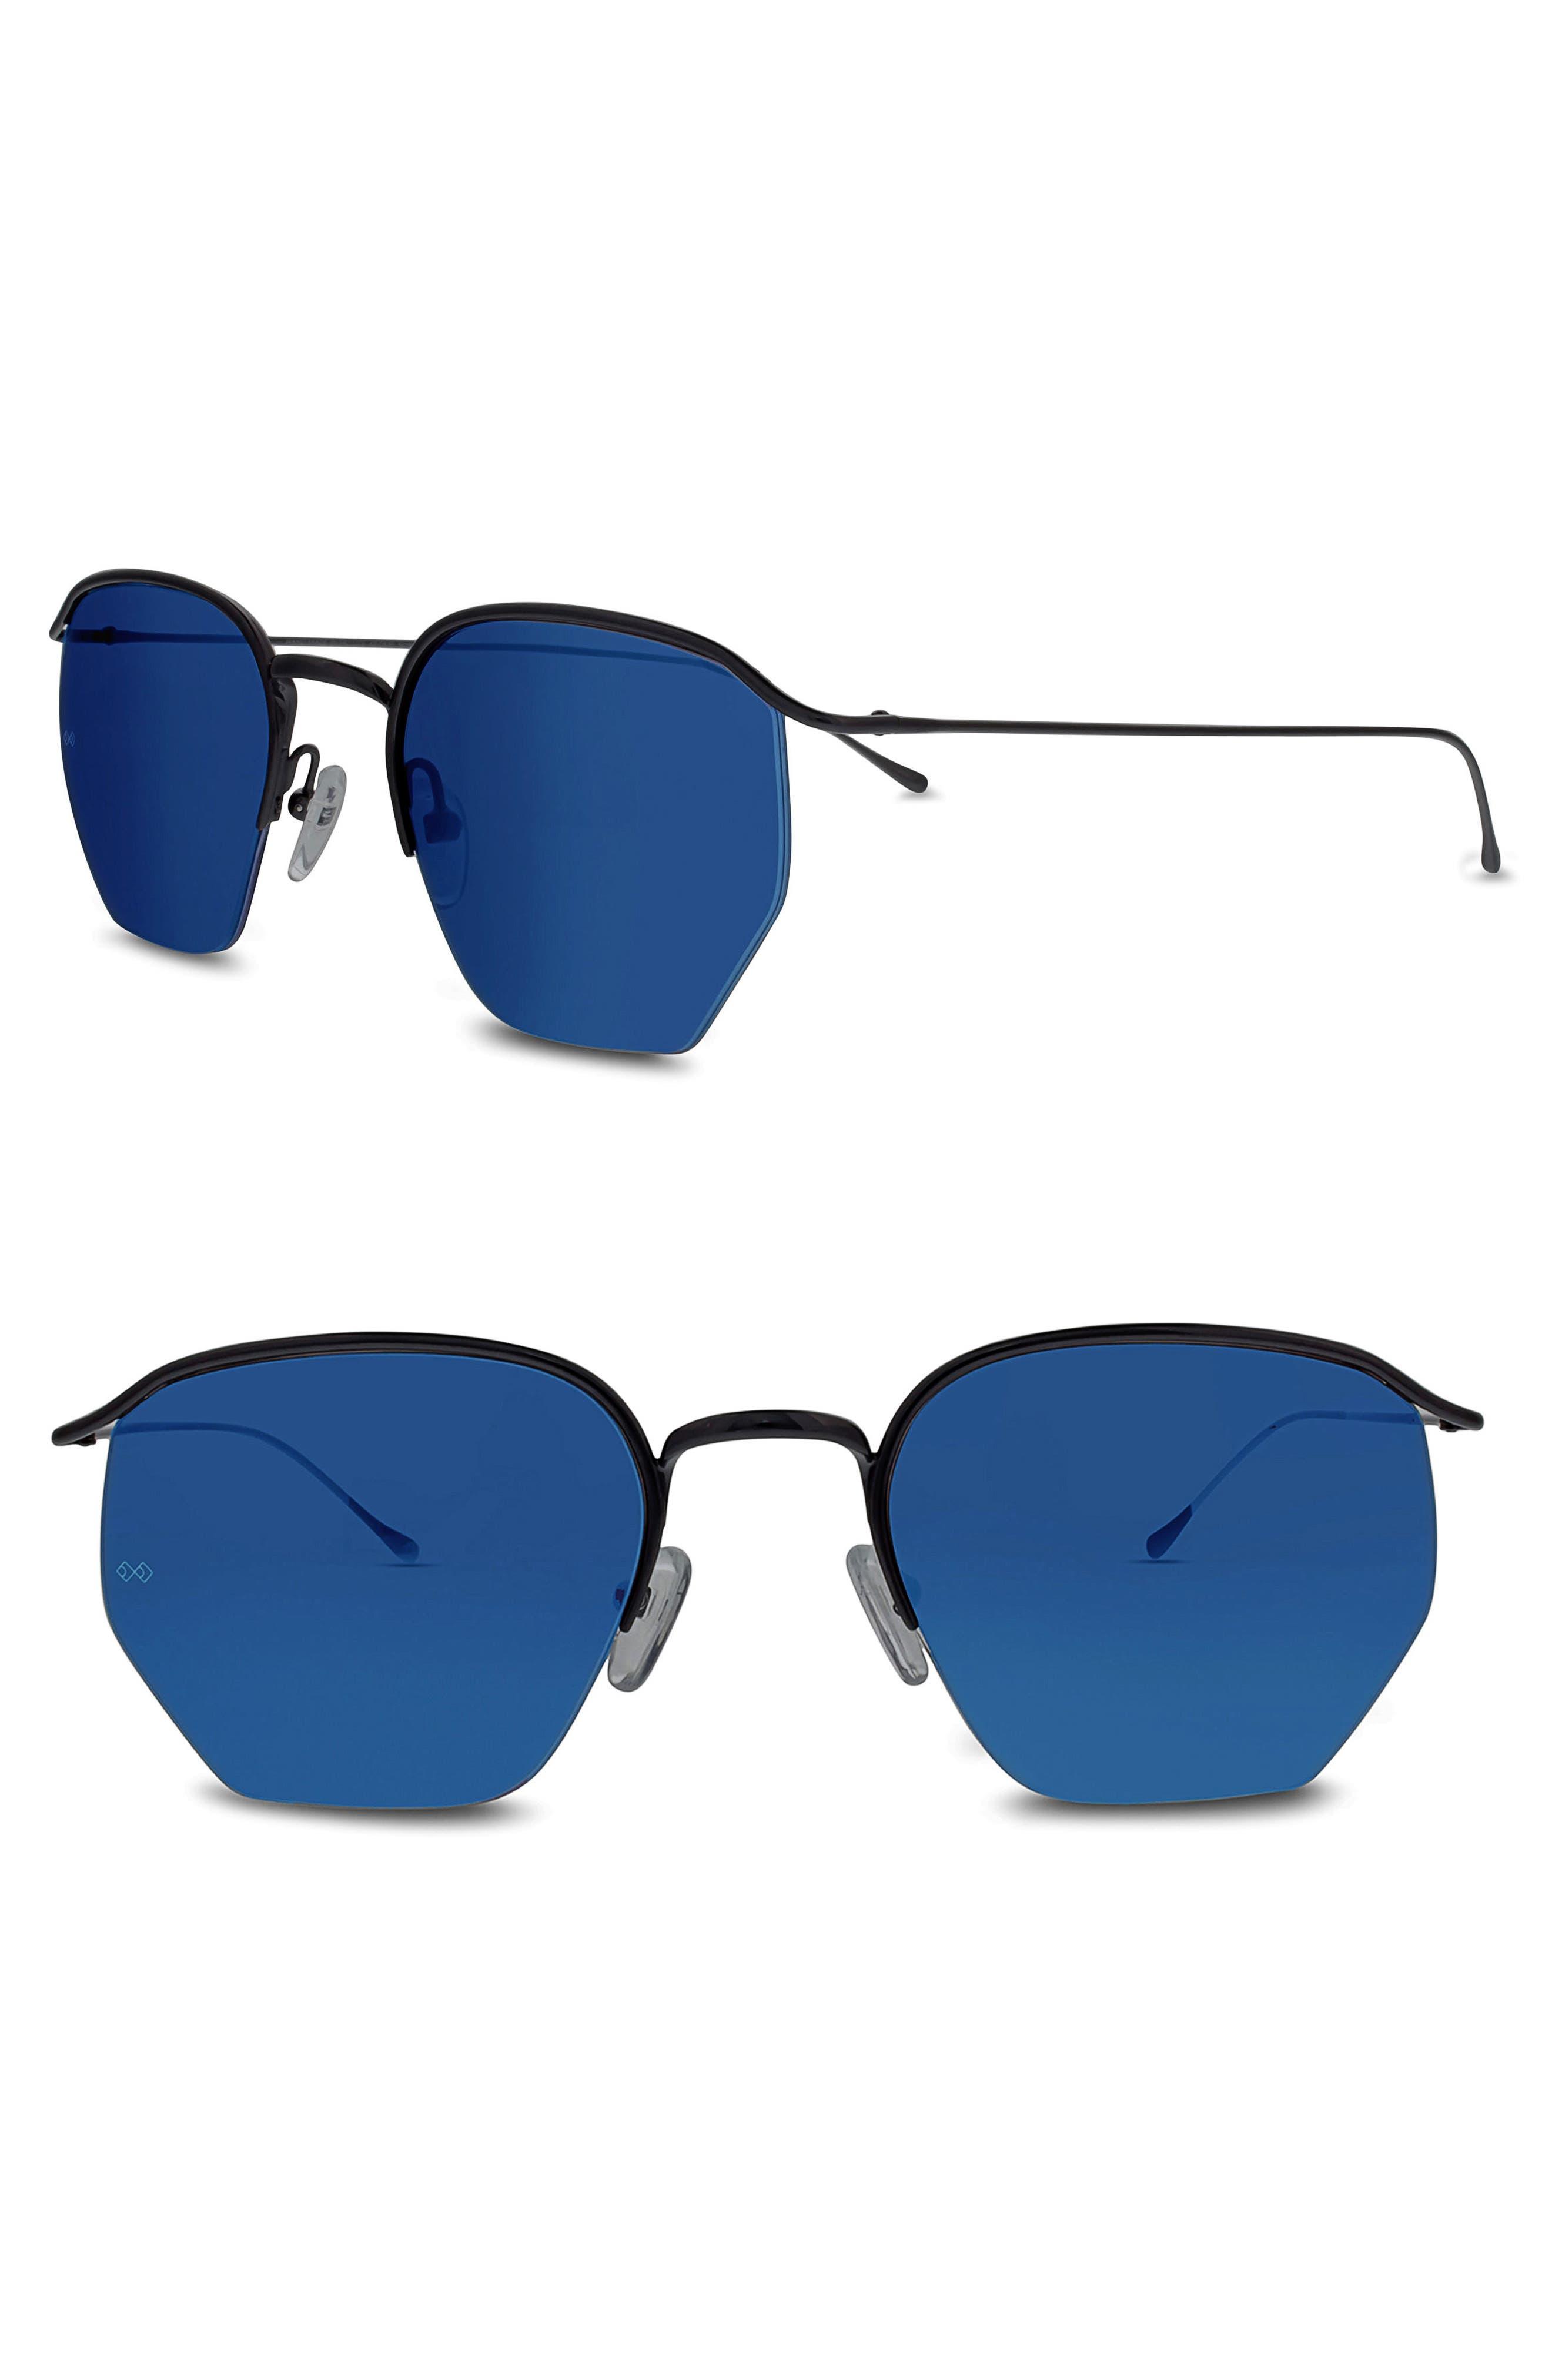 Geo I 51mm Semi Rimless Sunglasses,                             Main thumbnail 1, color,                             MATTE BLACK/ BLUE